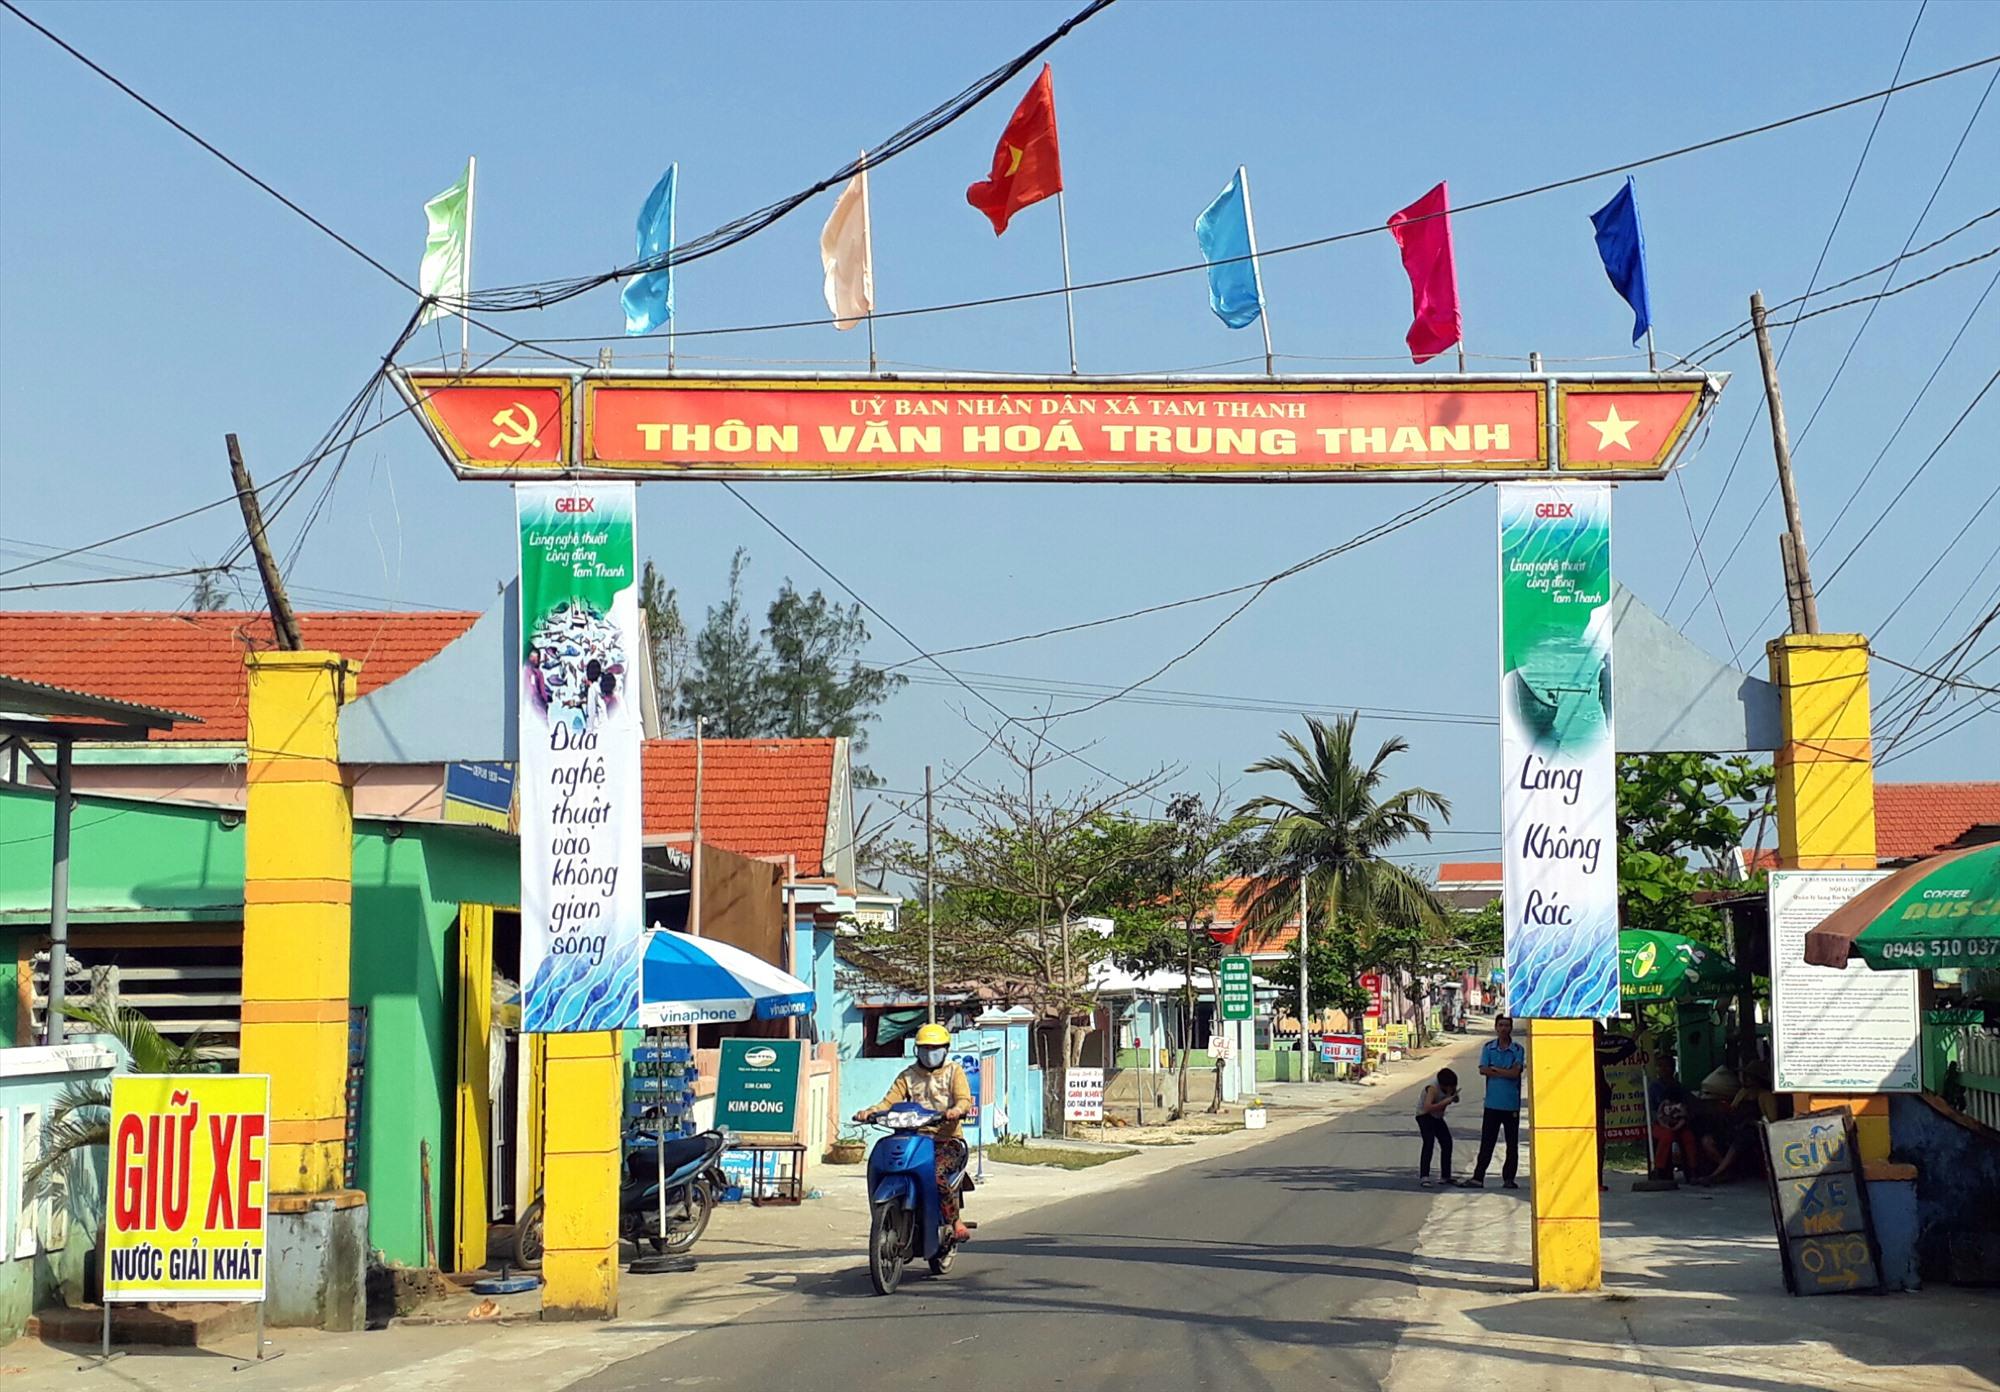 Xã Tam Thanh đang tập trung xây dựng đạt chuẩn xã NTM kiểu mẫu vào cuối năm 2020. Ảnh X.T